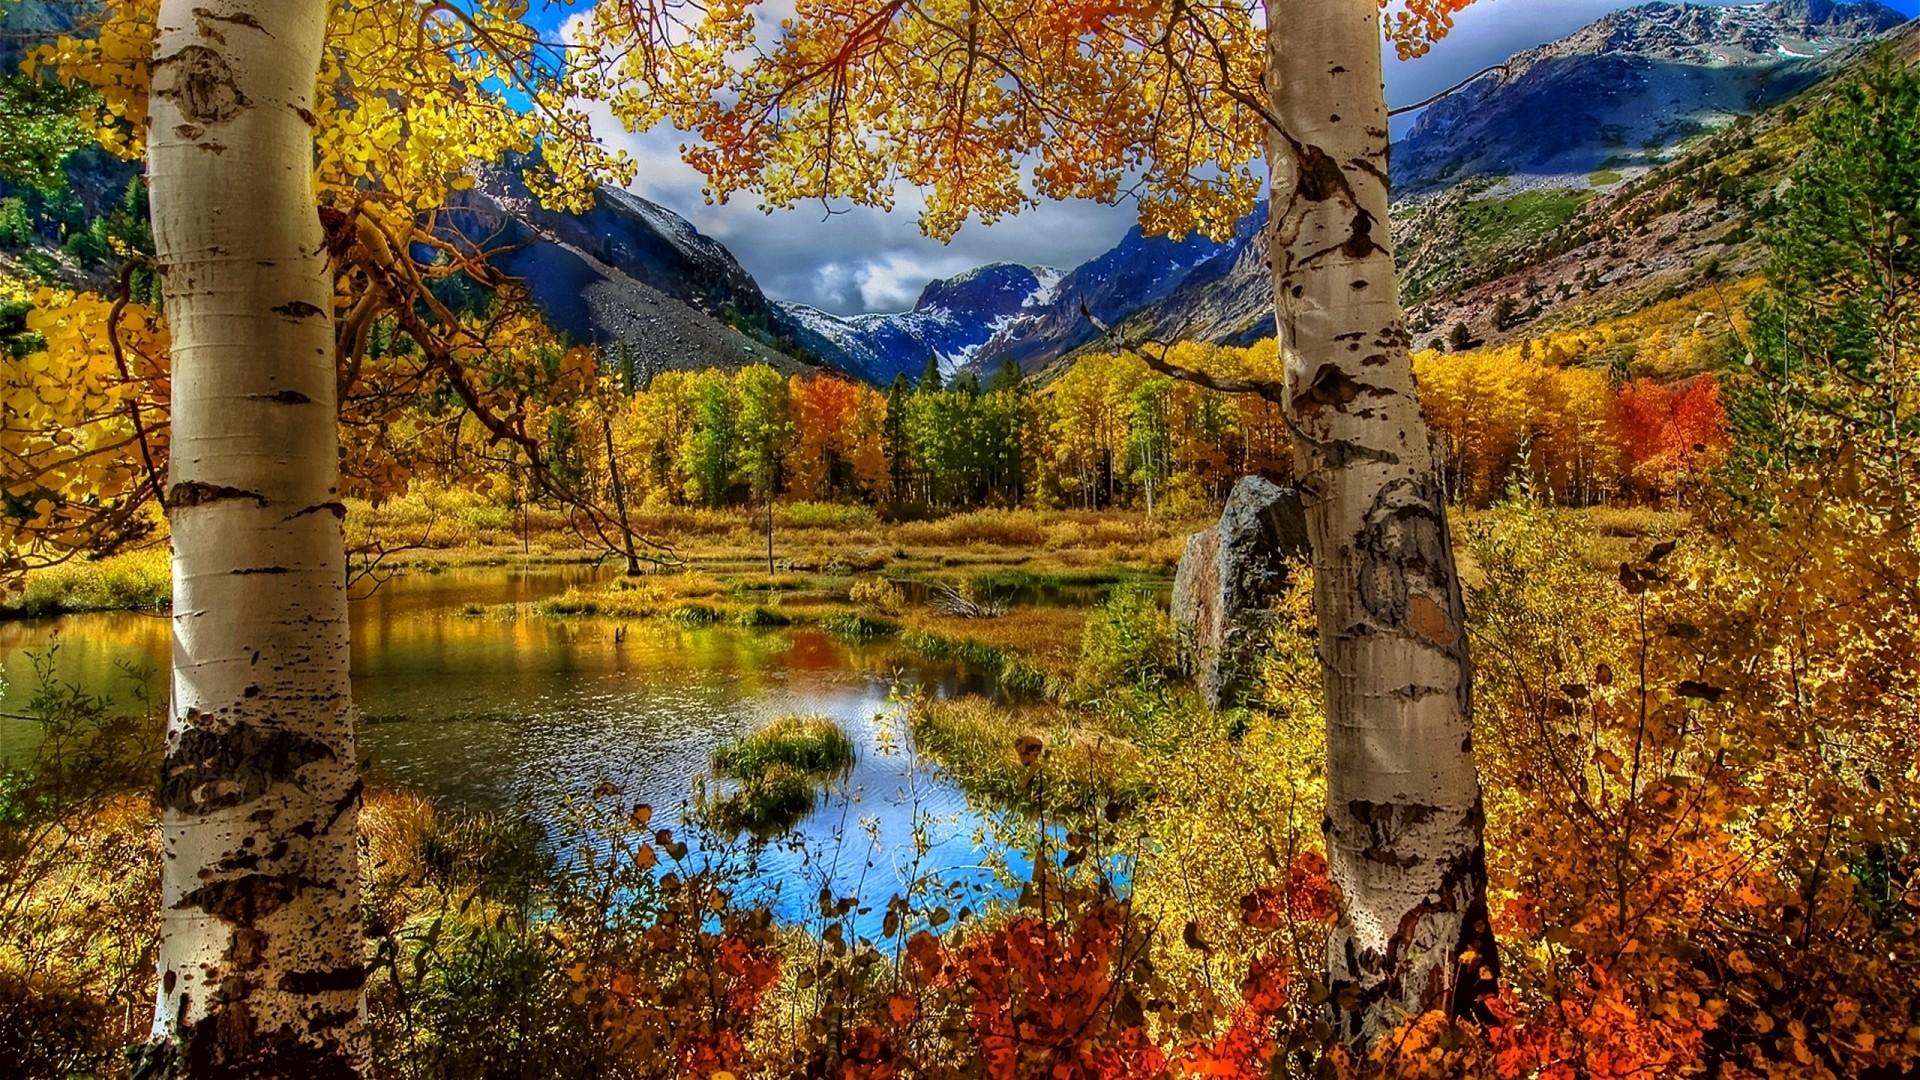 Sfondi pc hd autunno